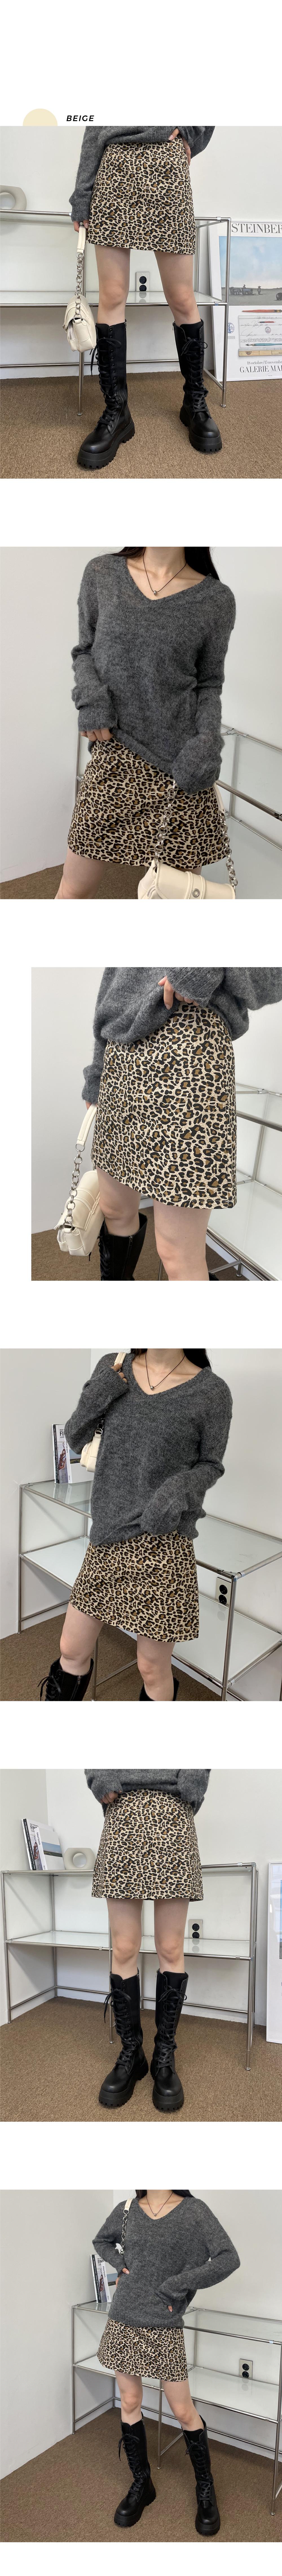 Ritu leopard leopard skirt